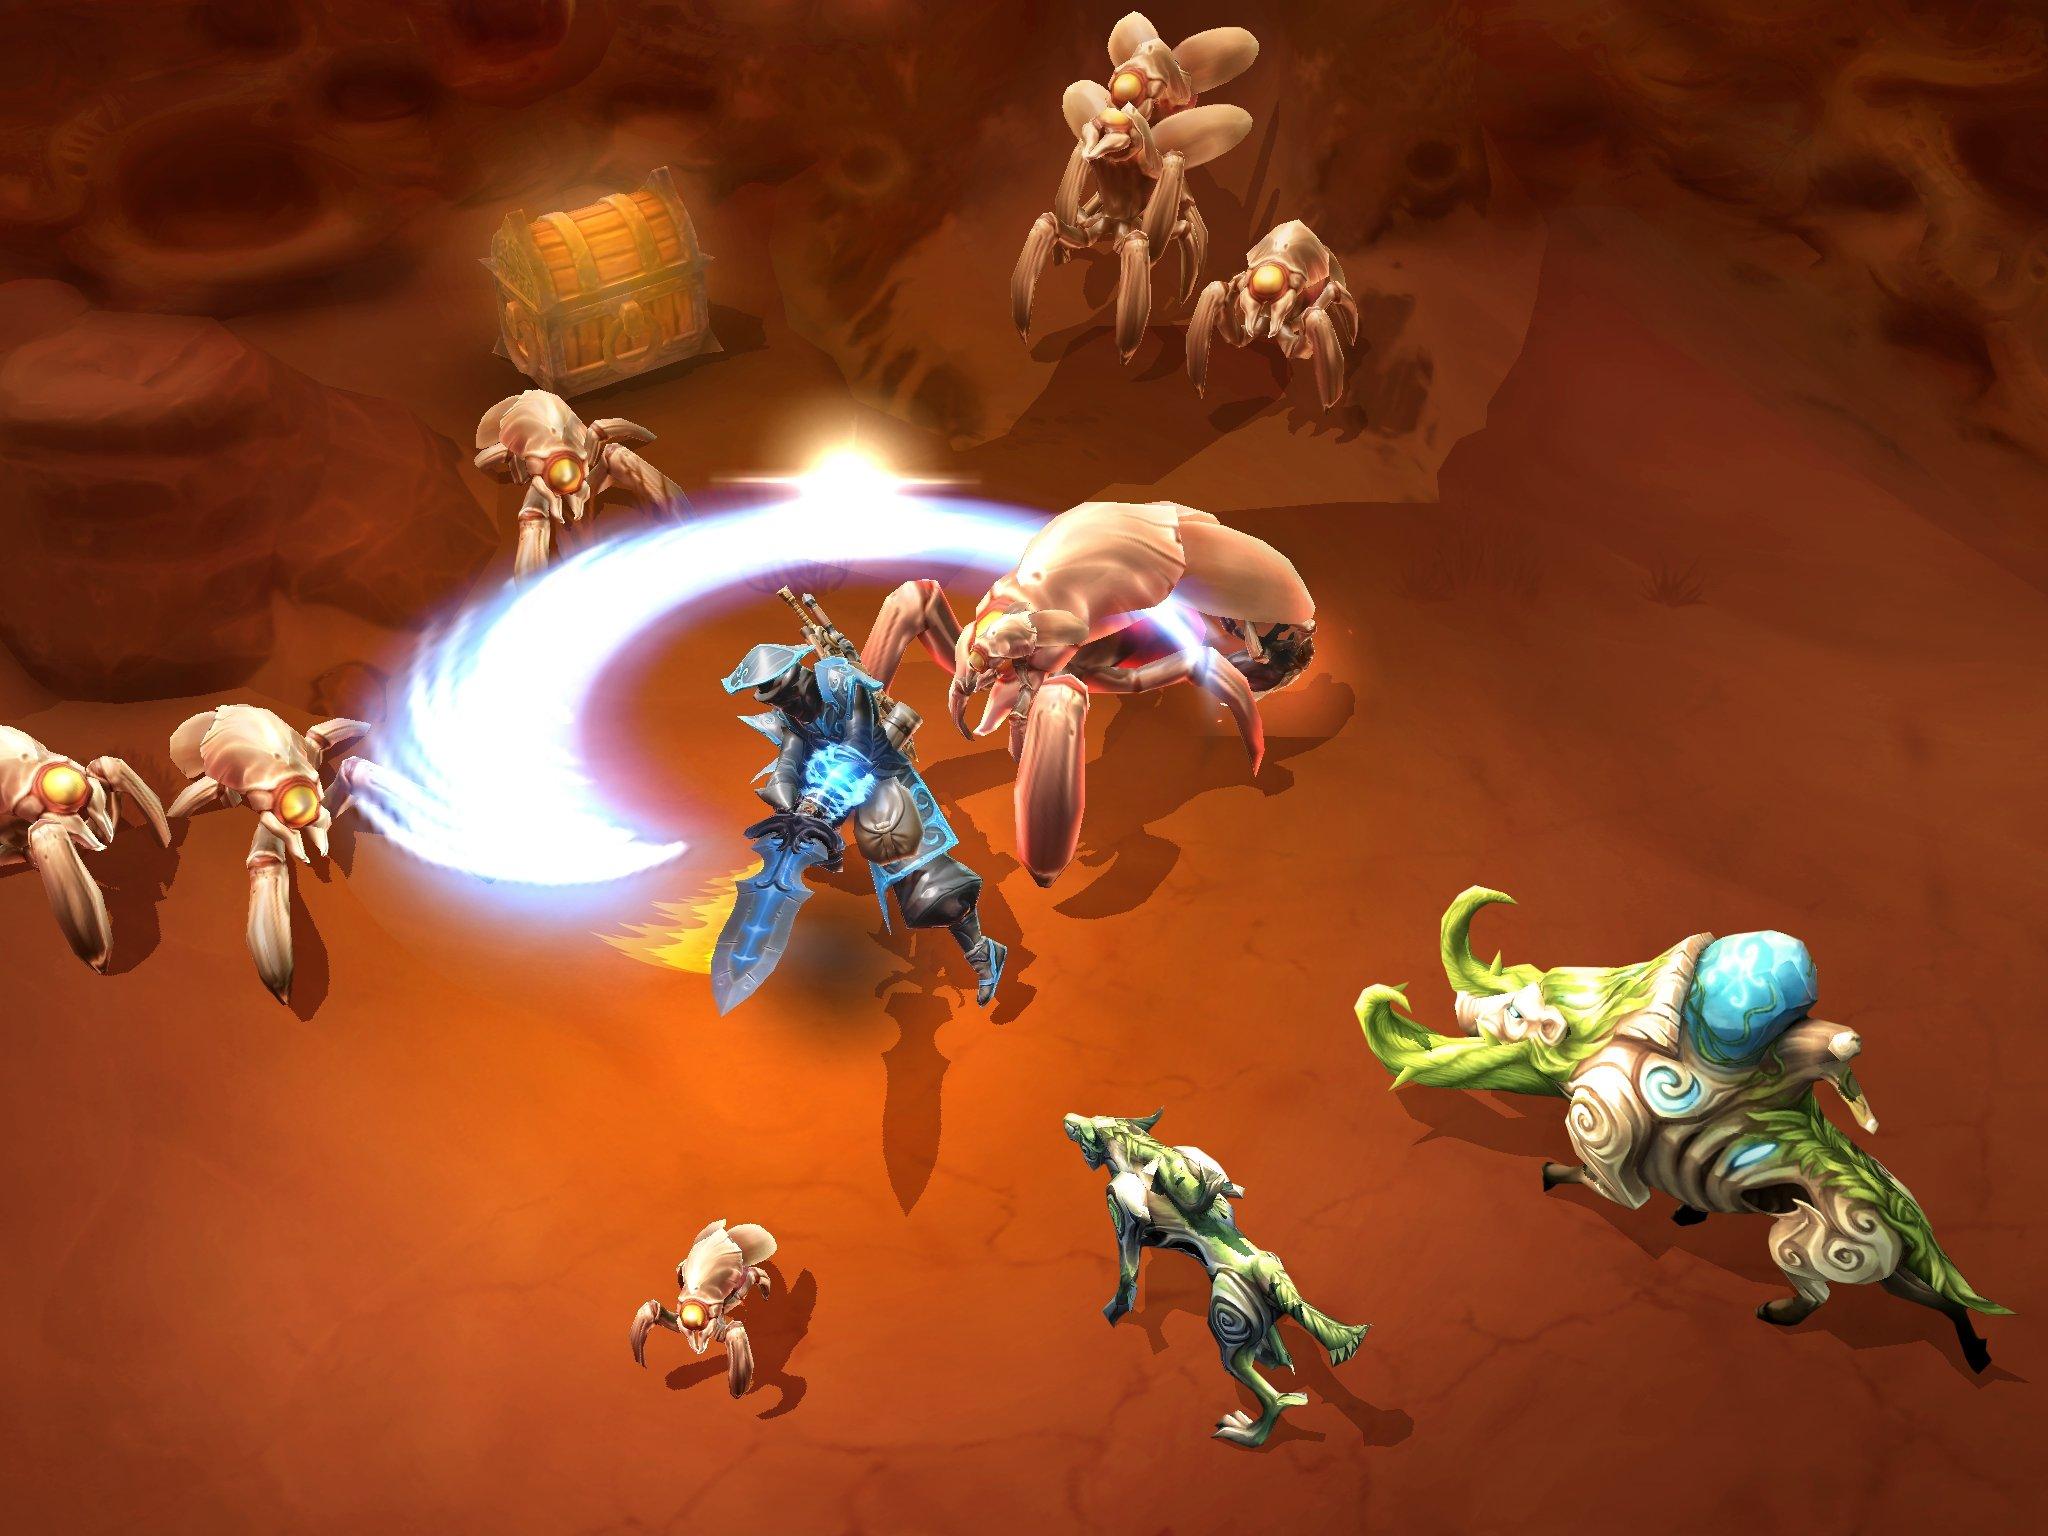 Dungeon hunter игра на андроид следующее дате …